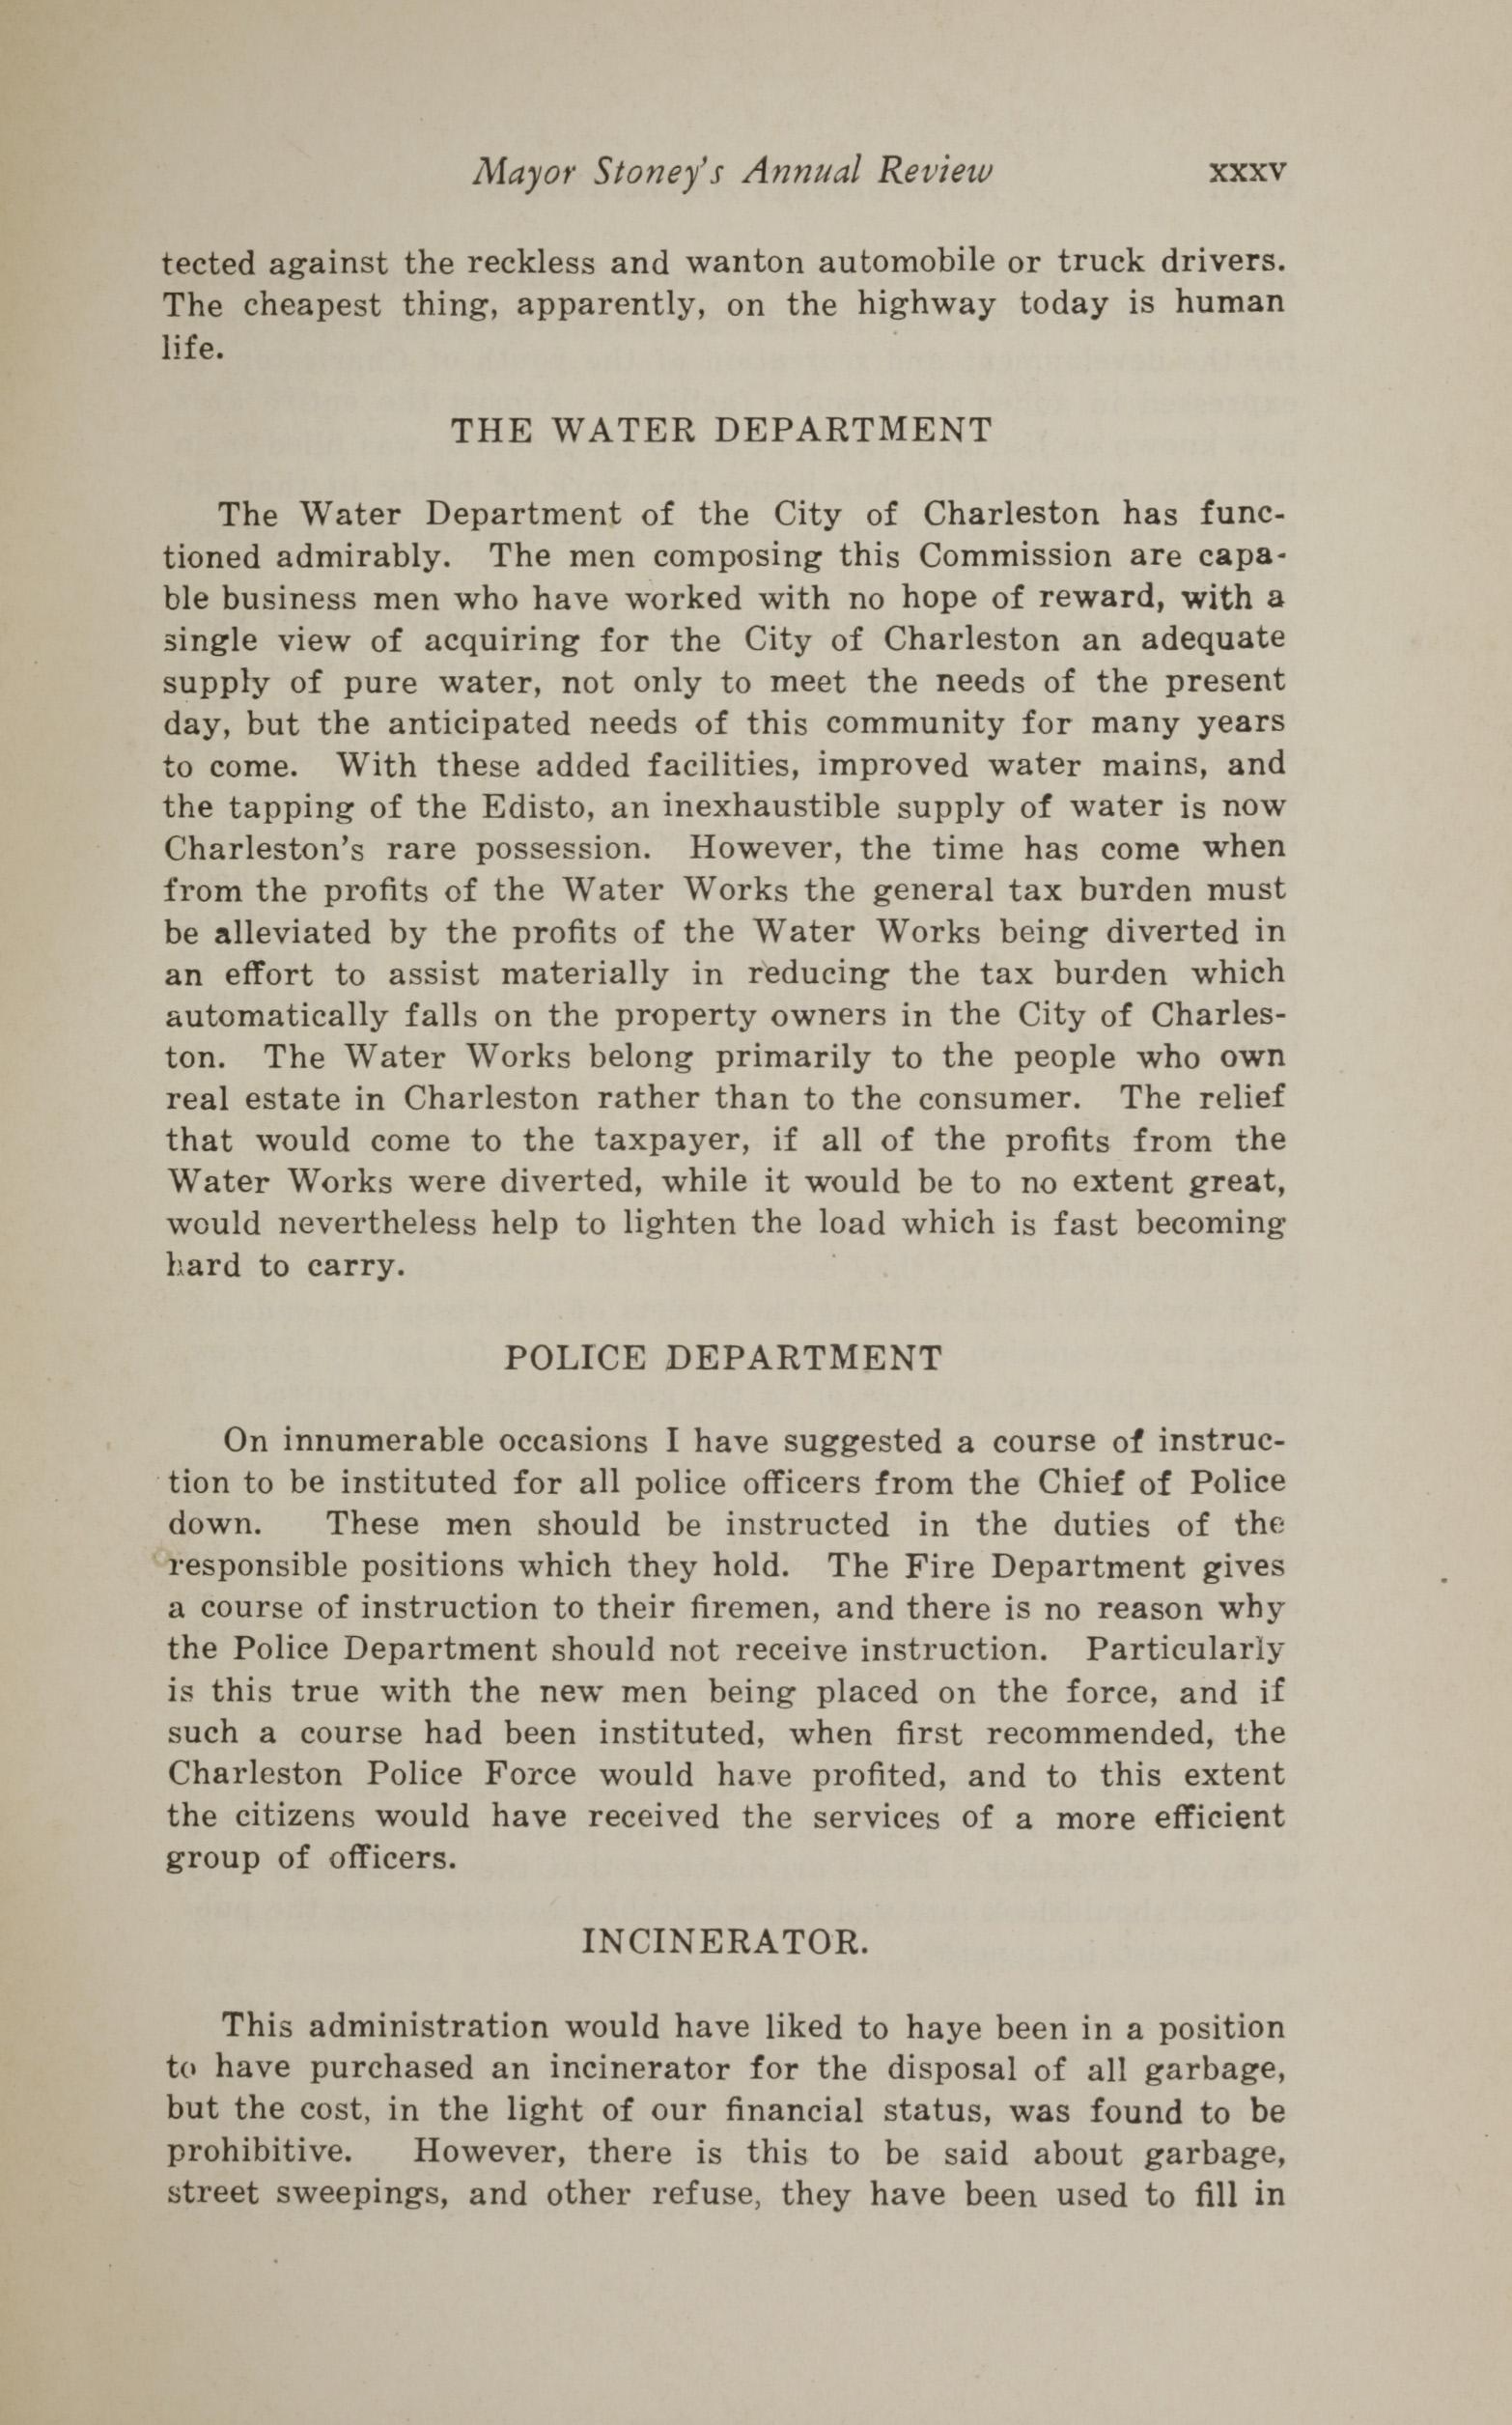 Charleston Yearbook, 1930, page xxxv